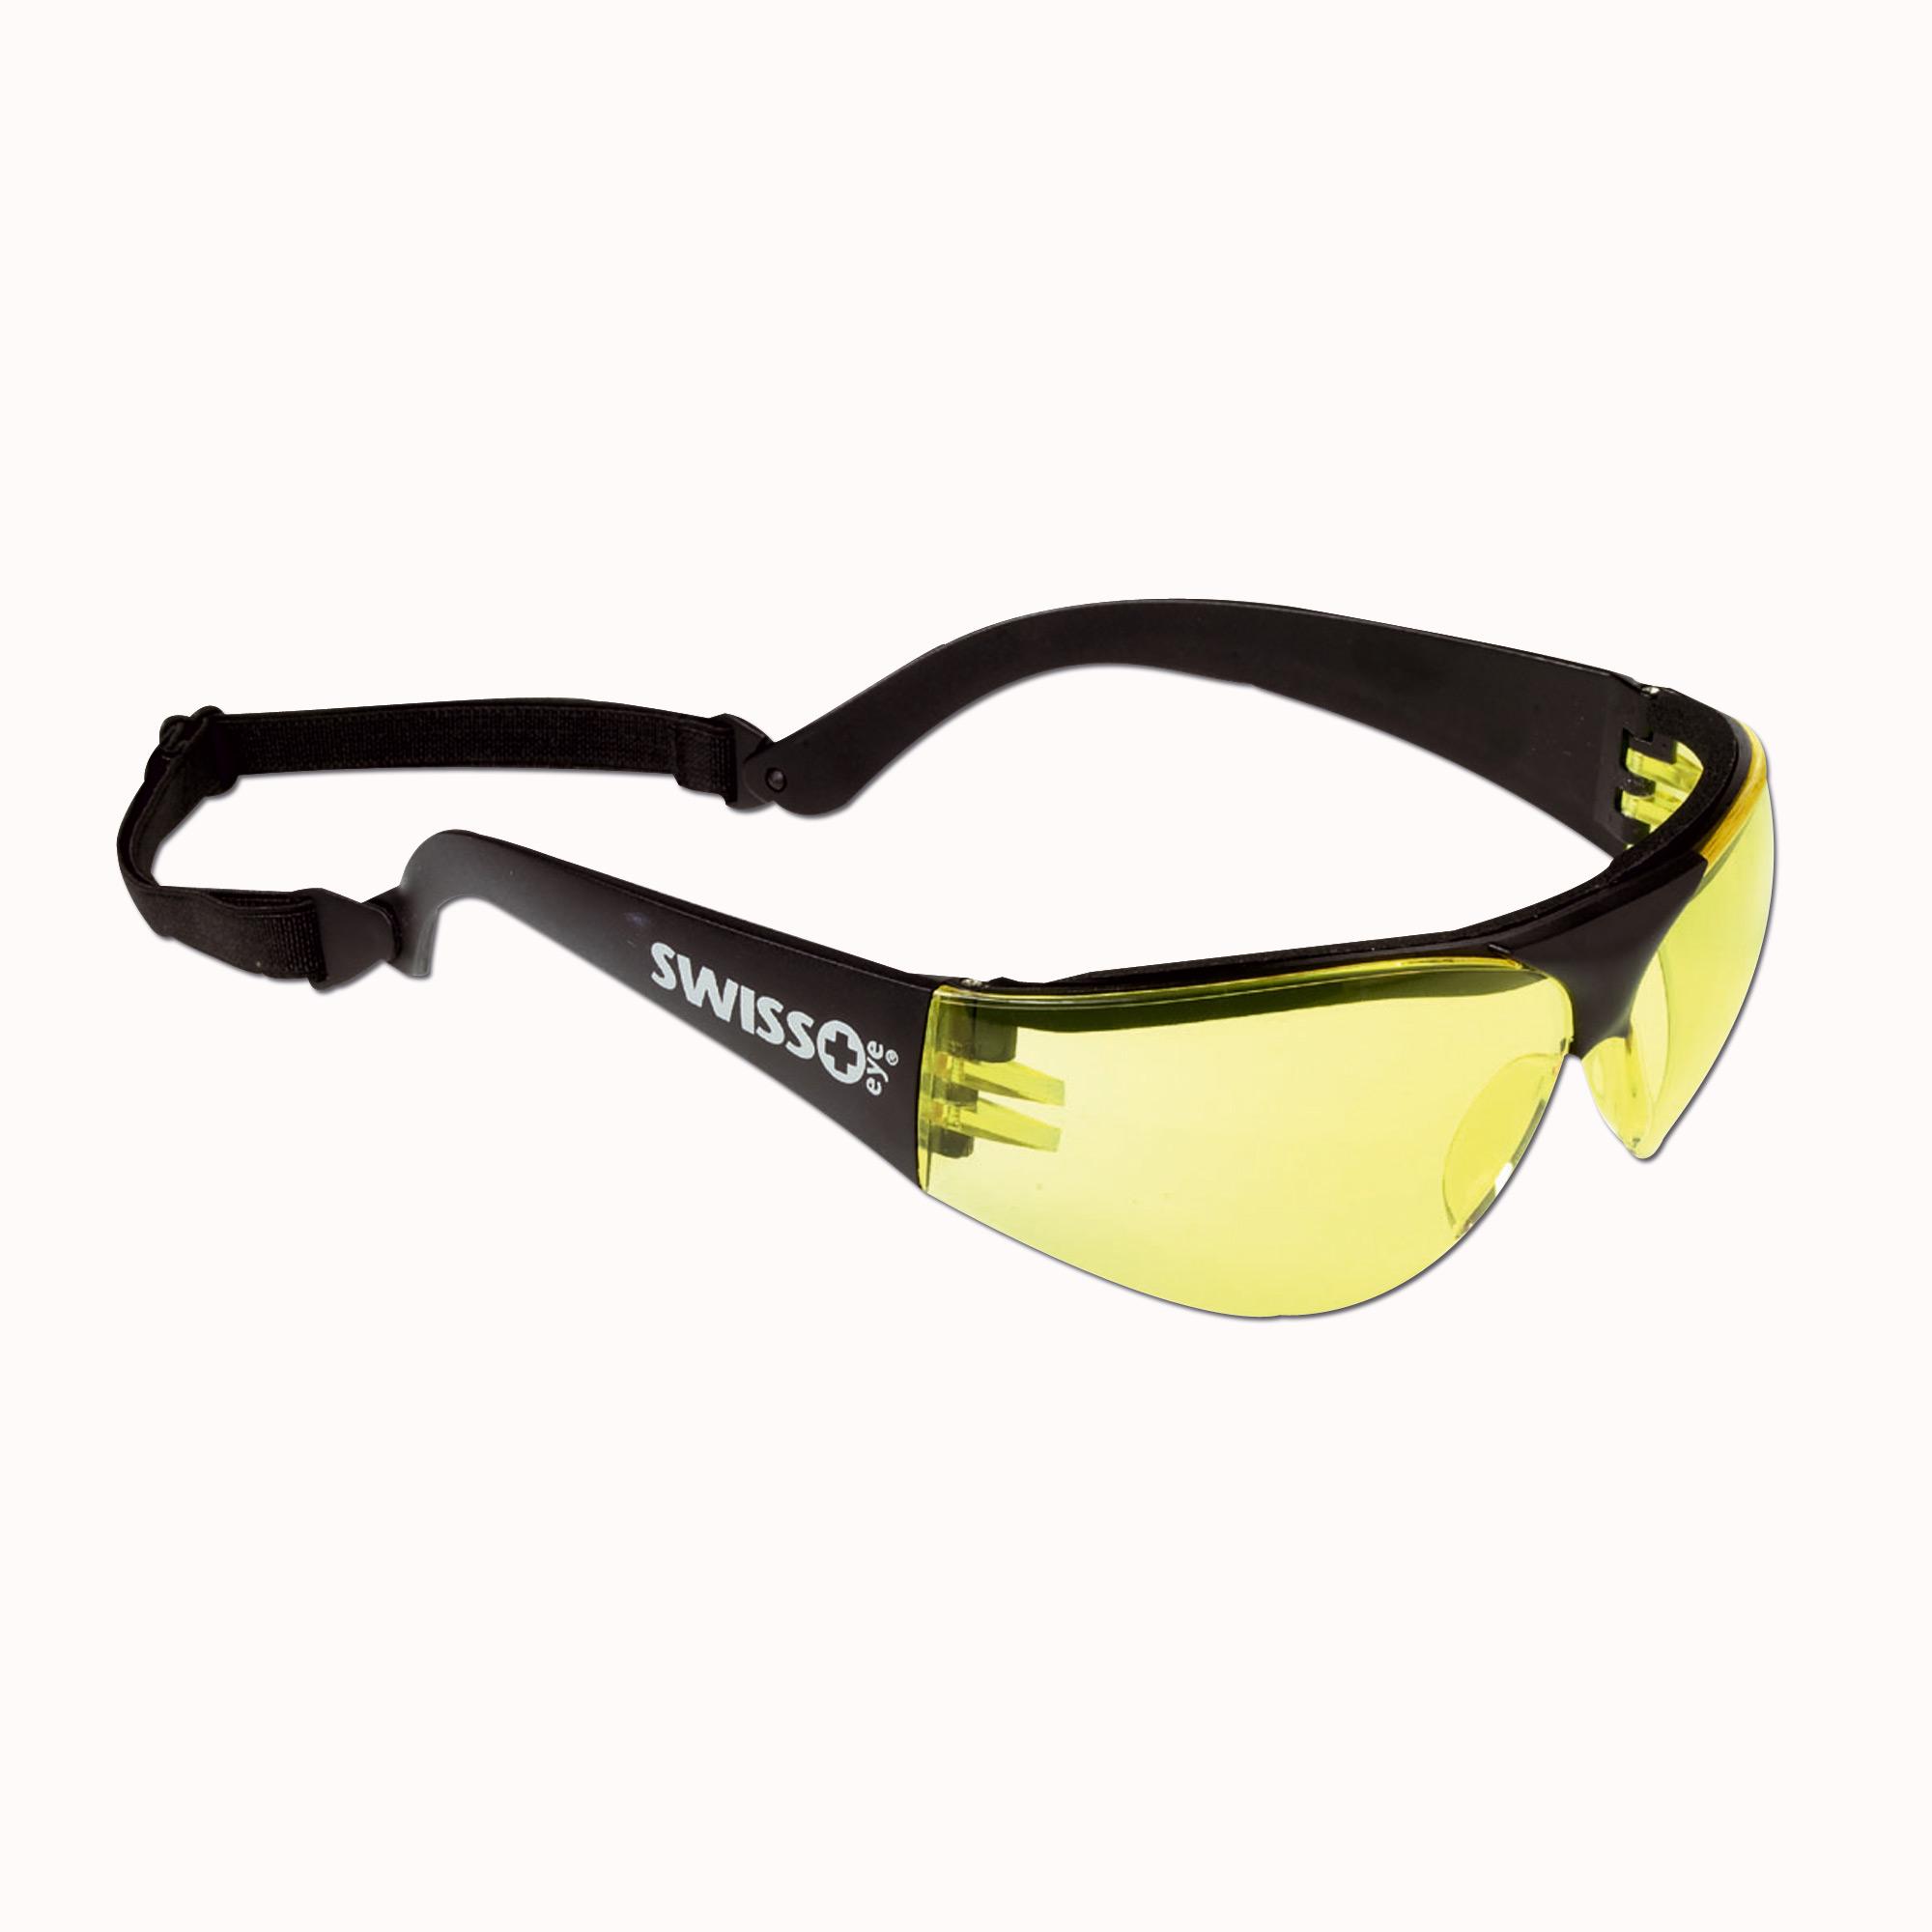 Sonnenbrille Swiss Eye Sport gelb